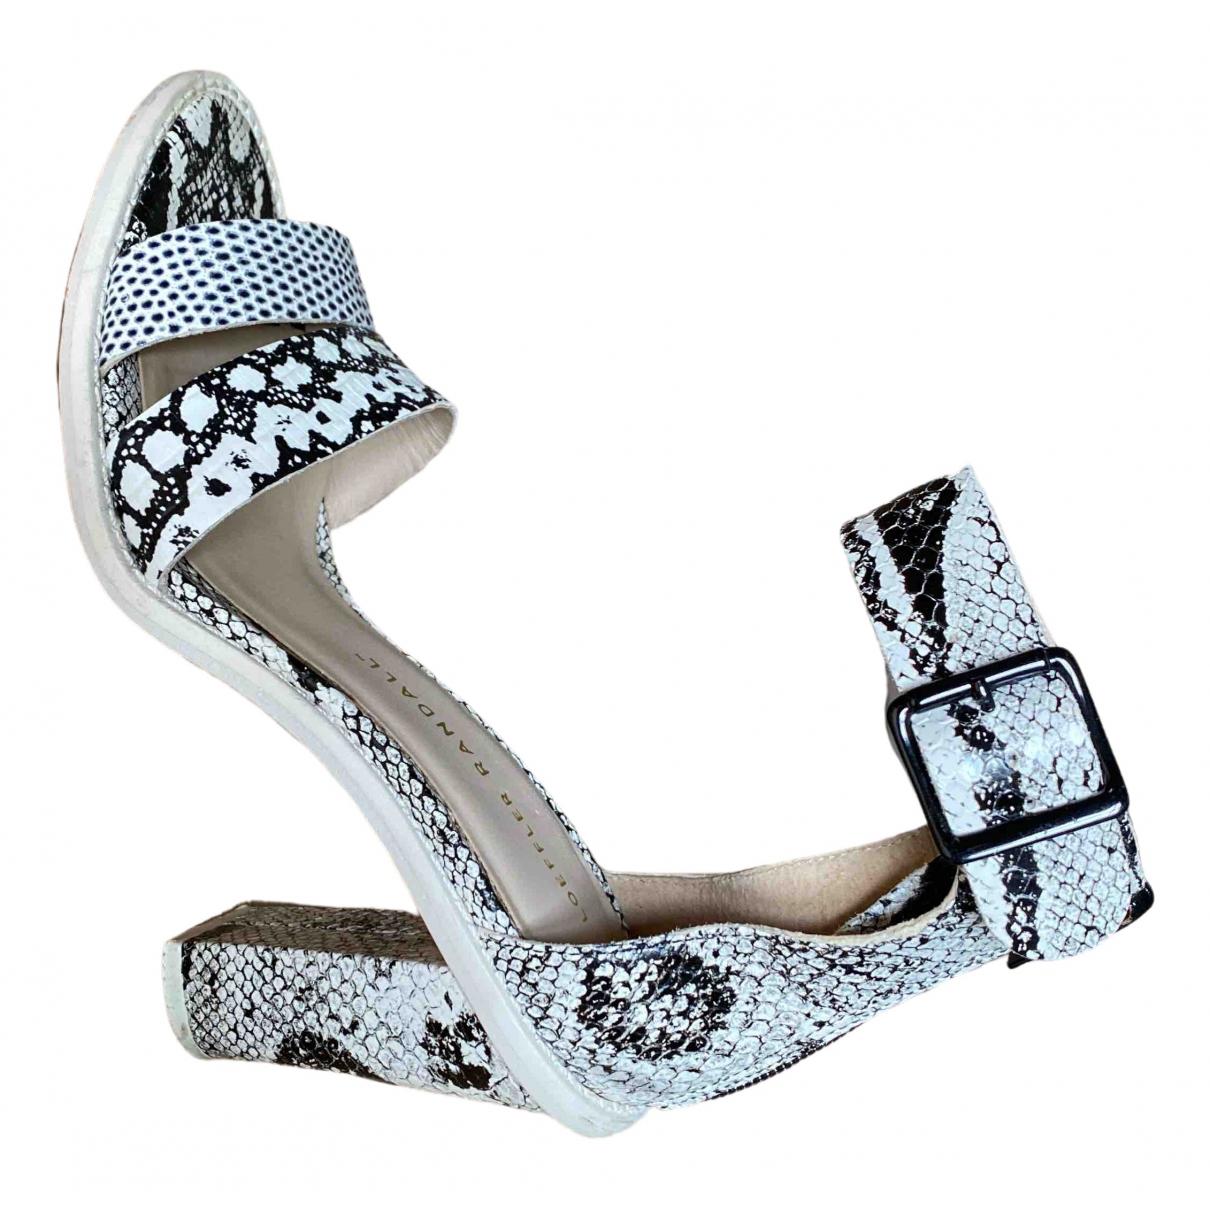 Loeffler Randall \N White Leather Sandals for Women 6.5 US